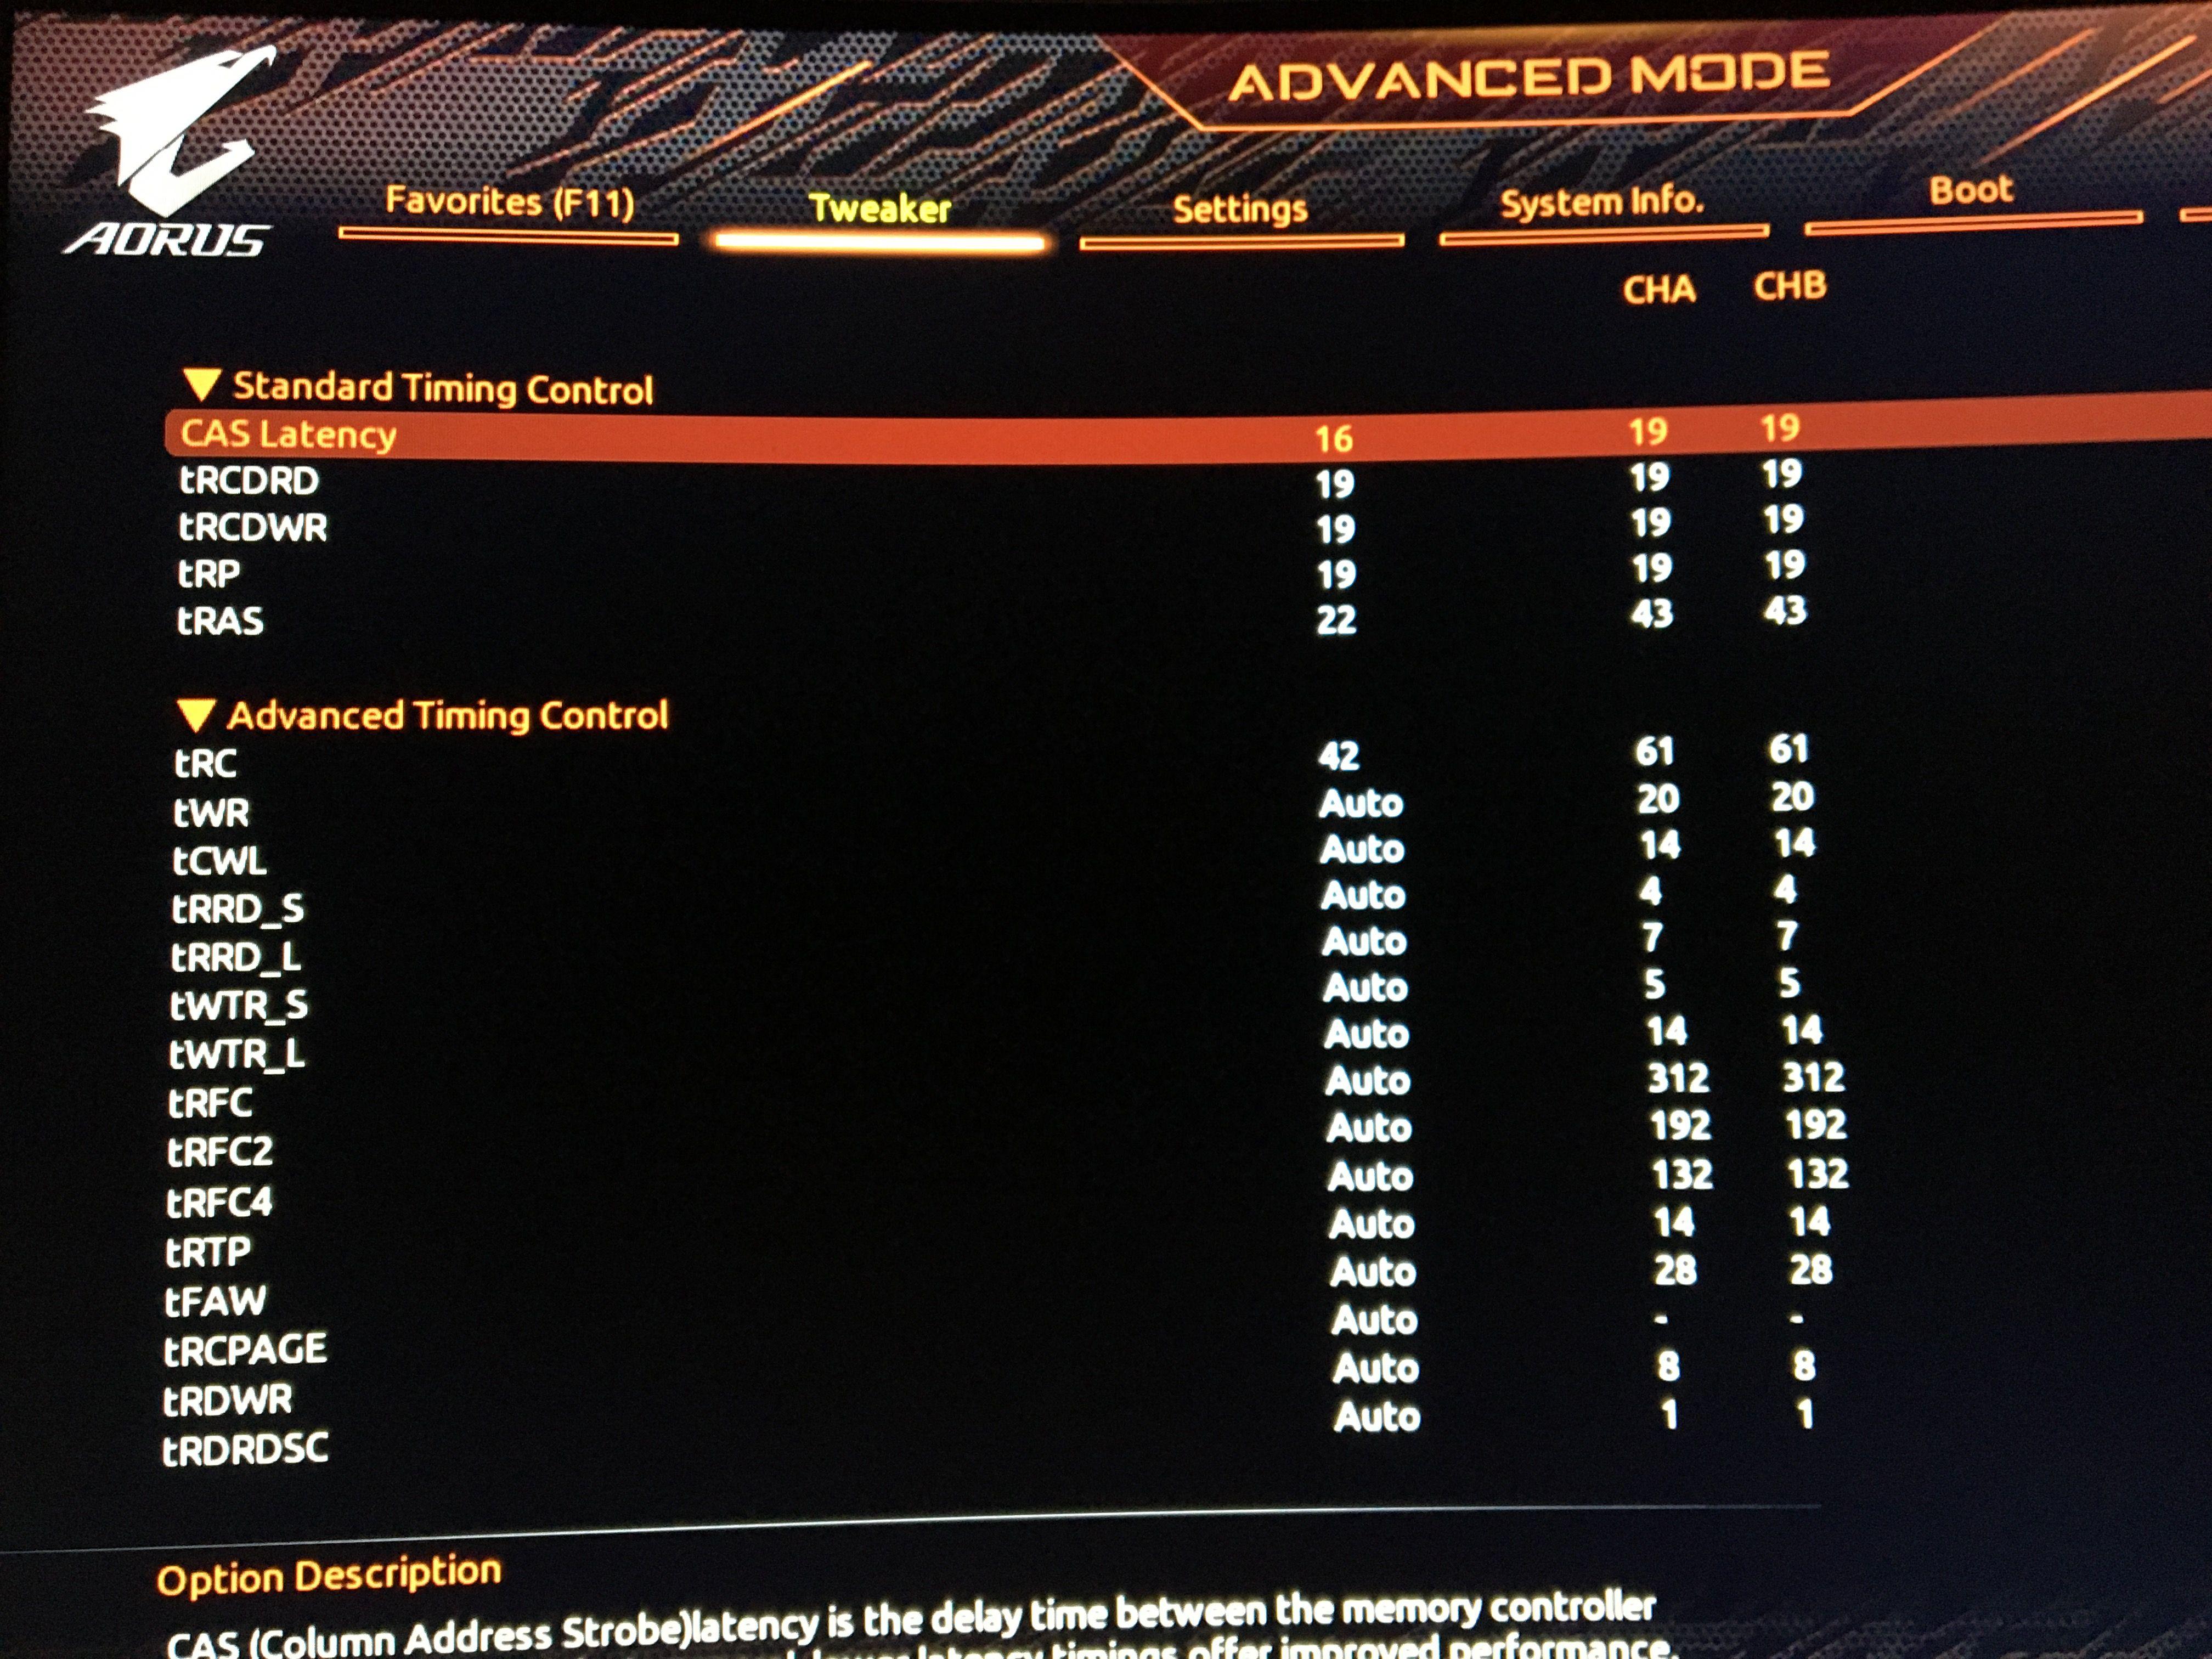 BFA7A0BC-23FB-4C32-8B51-5BB3DD78A5F2.jpeg